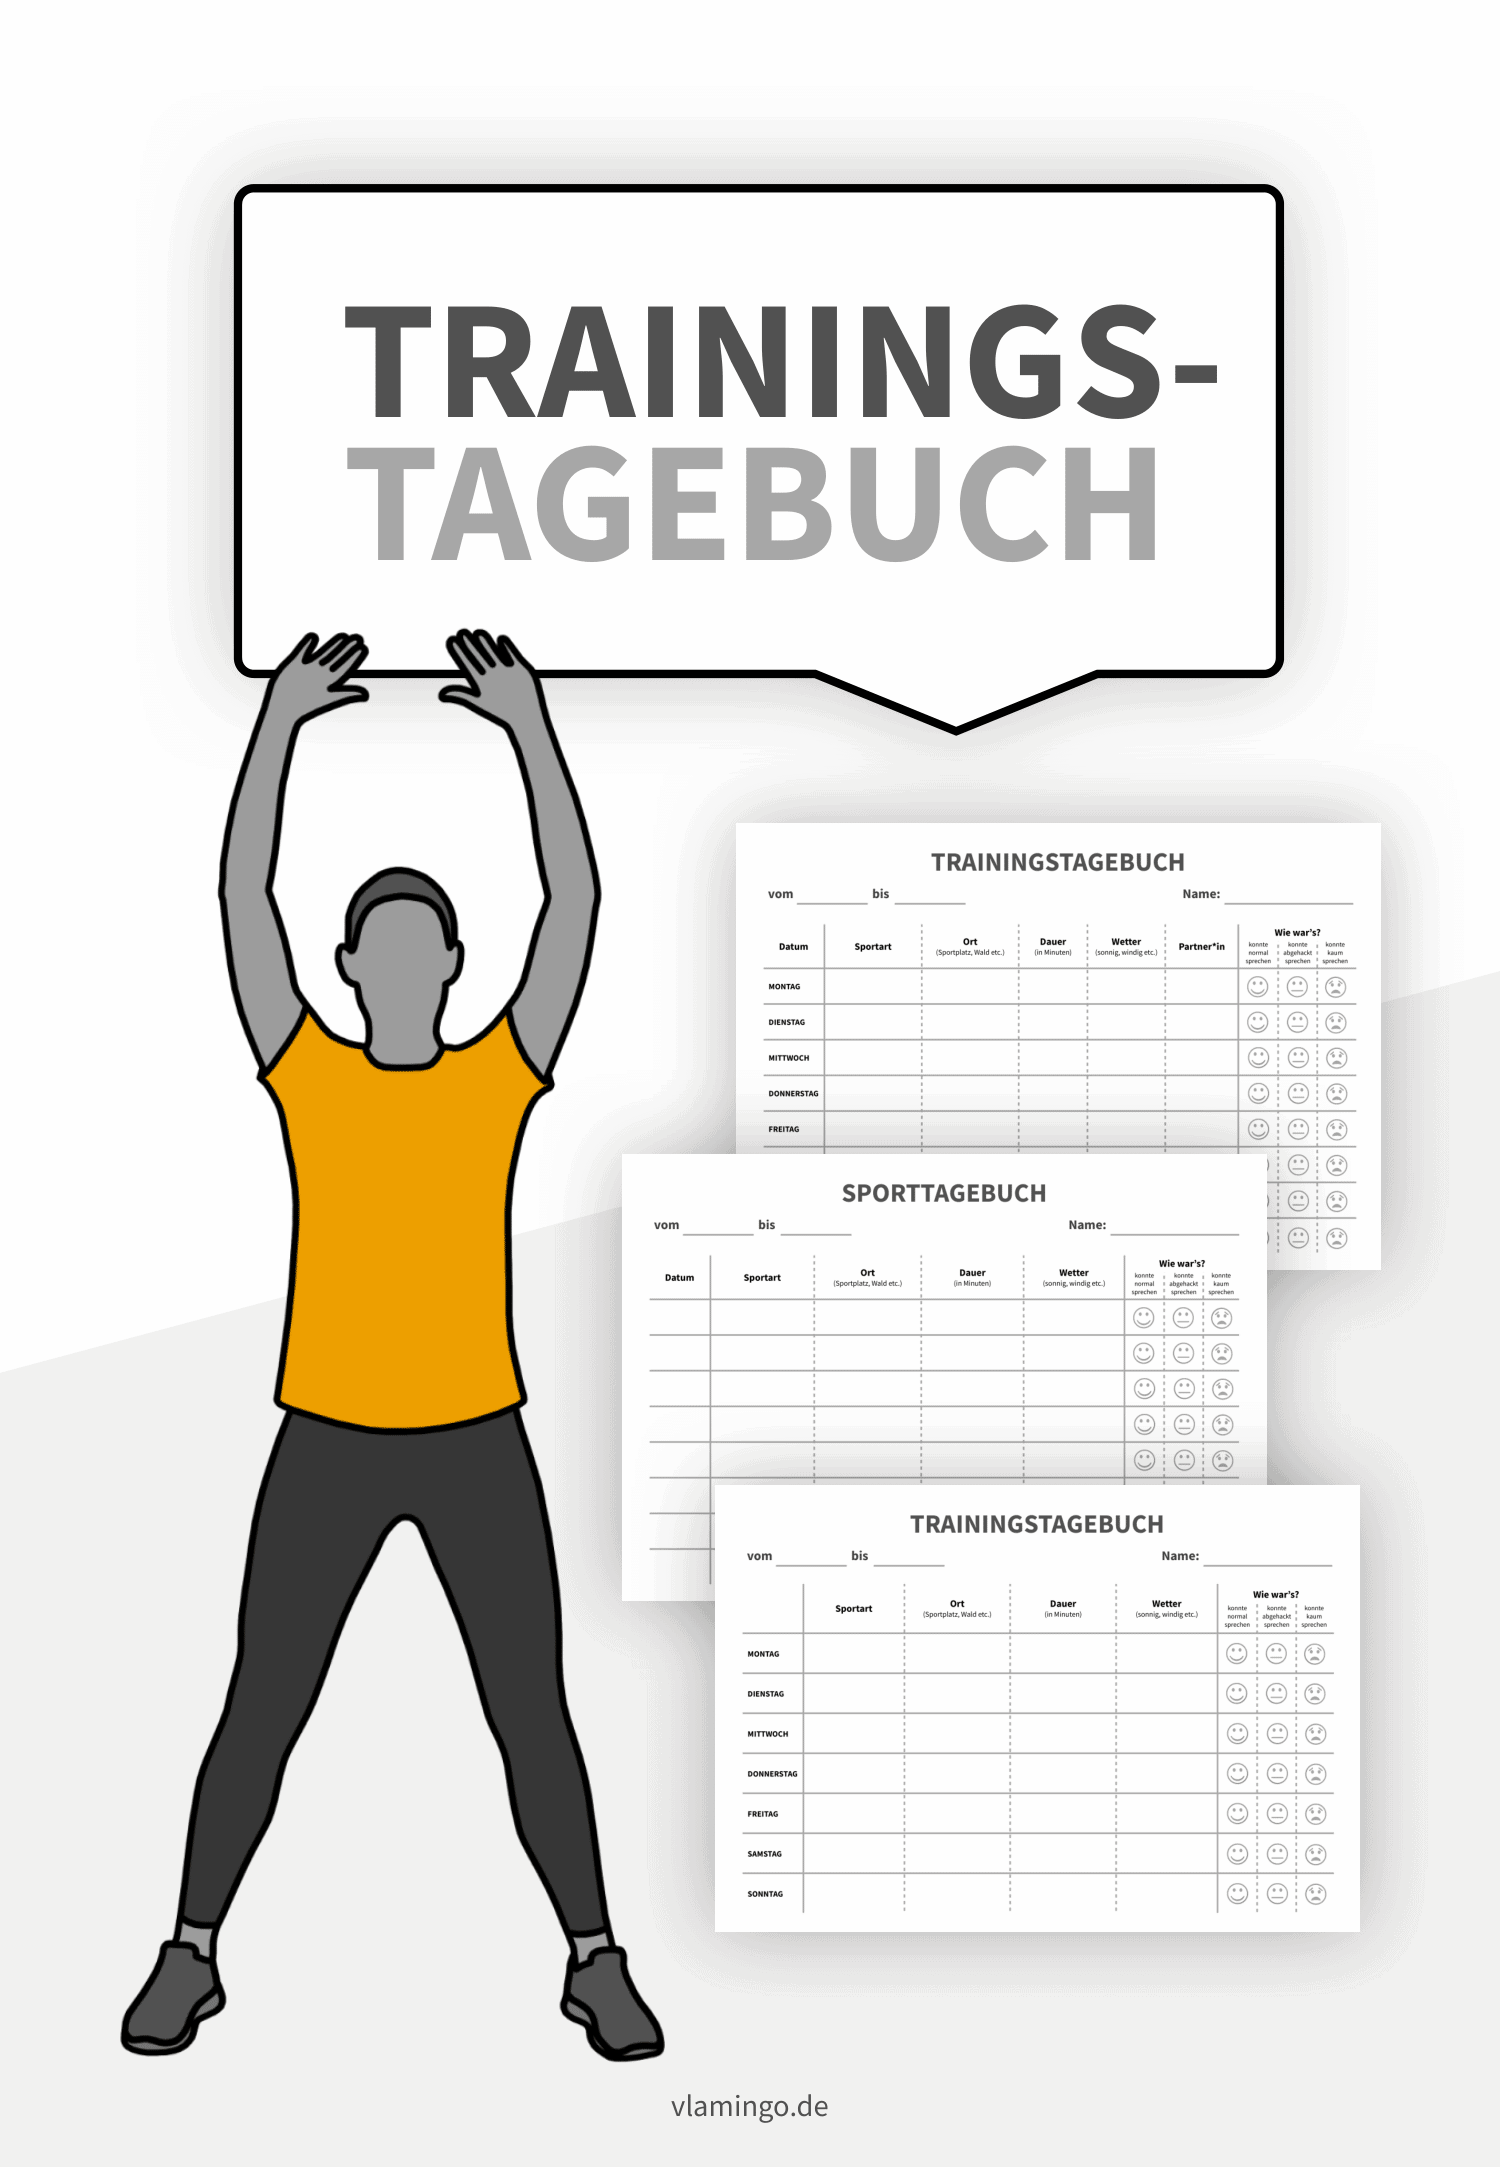 Trainingstagebuch